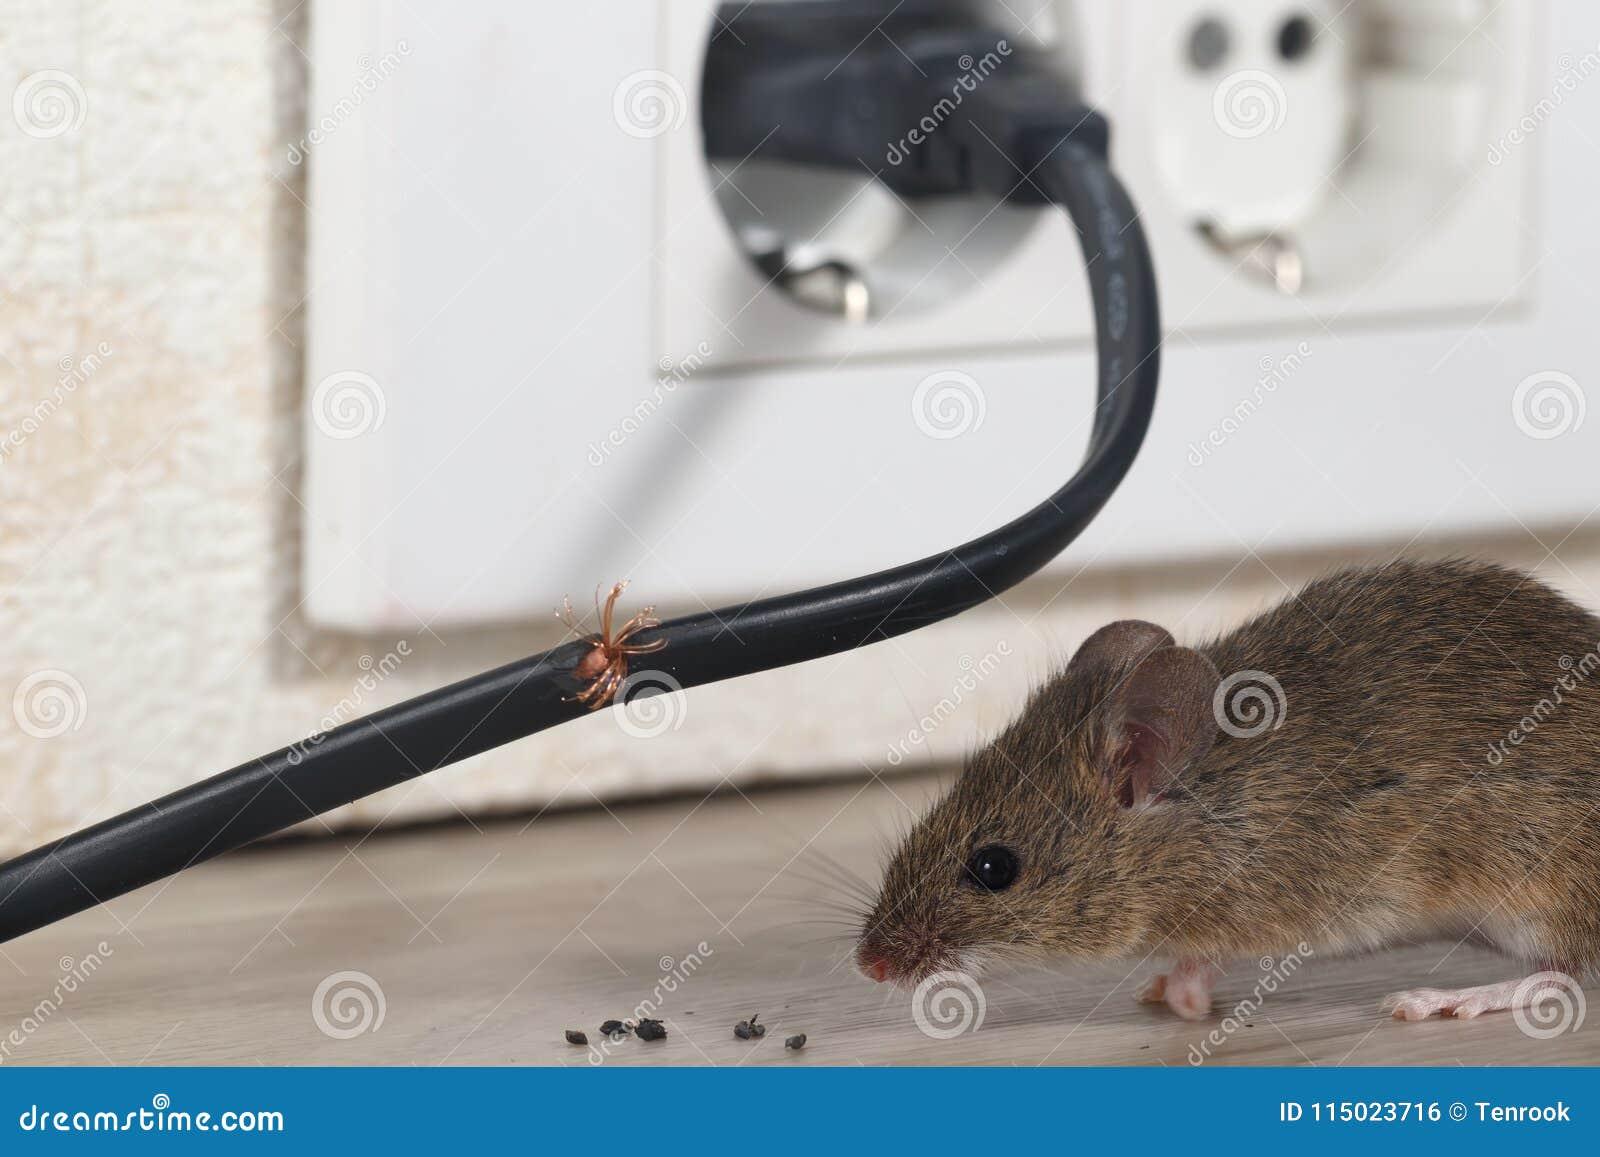 Fantastisch Maus Die Elektrische Drähte Kaut Ideen - Elektrische ...